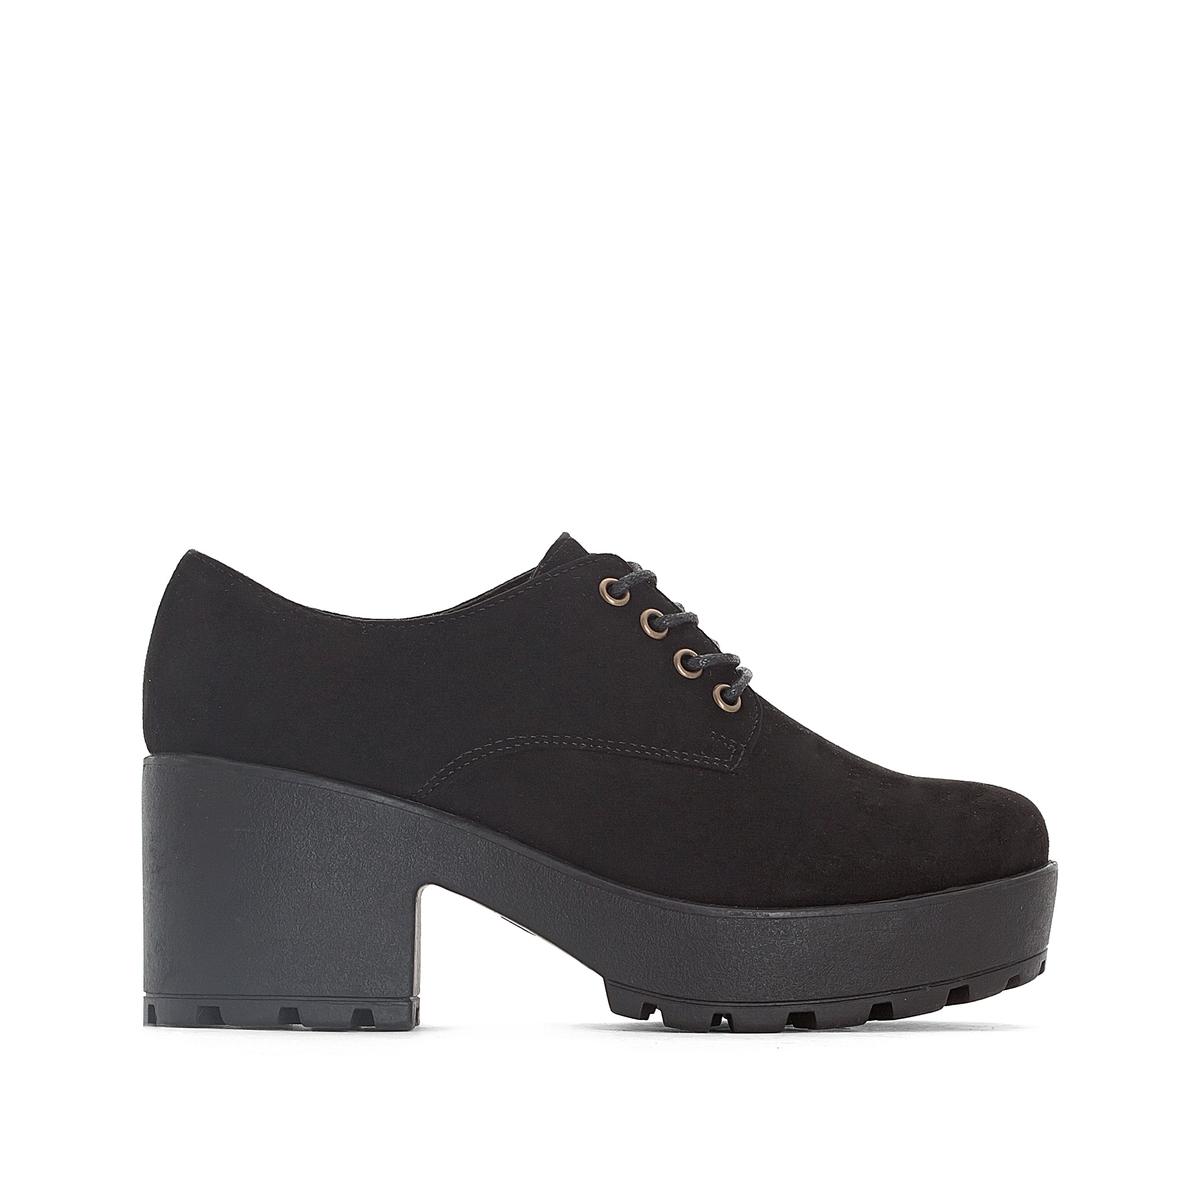 Ботинки-дерби на каблуке Cruise ботинки дерби